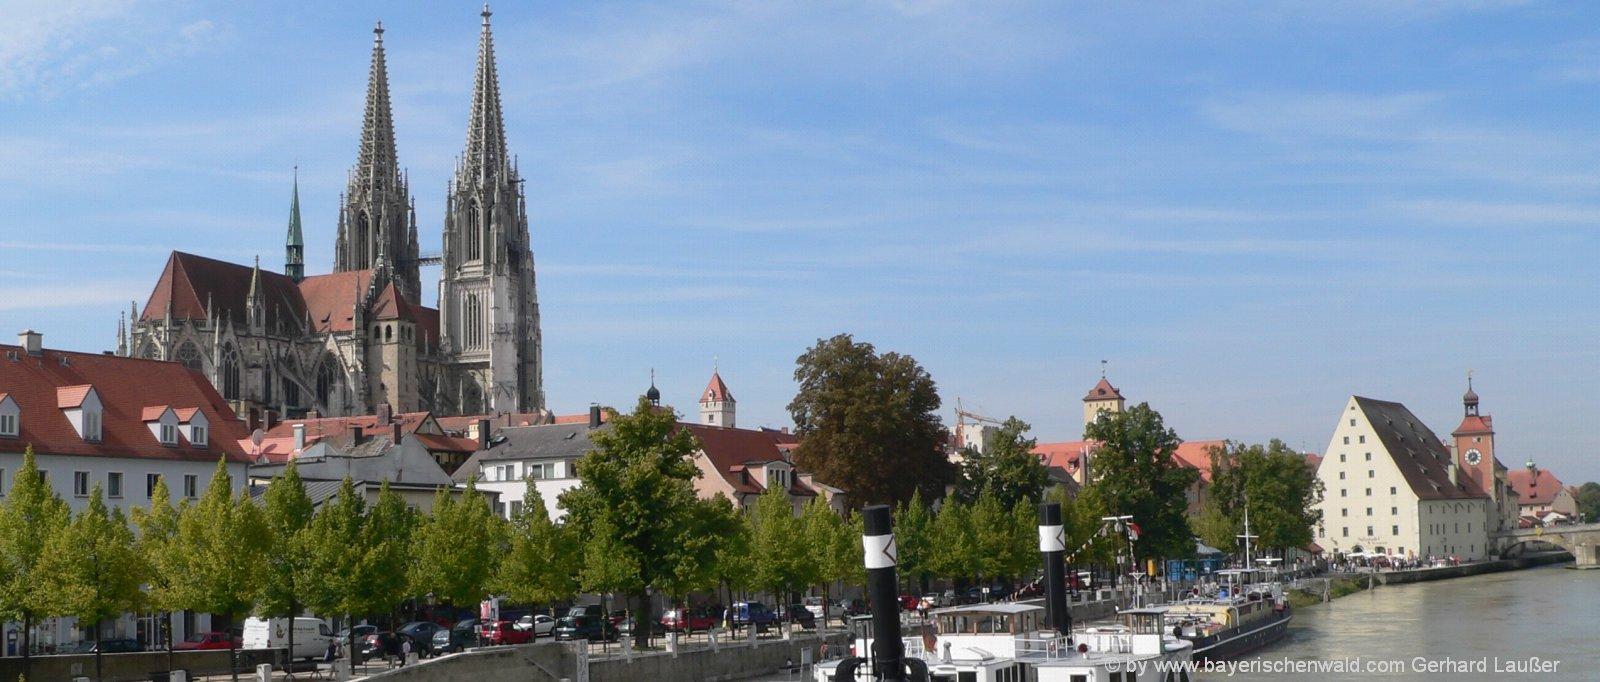 ausflugsziele-oberpfalz-regensburg-sehenswürdigkeiten-bayern